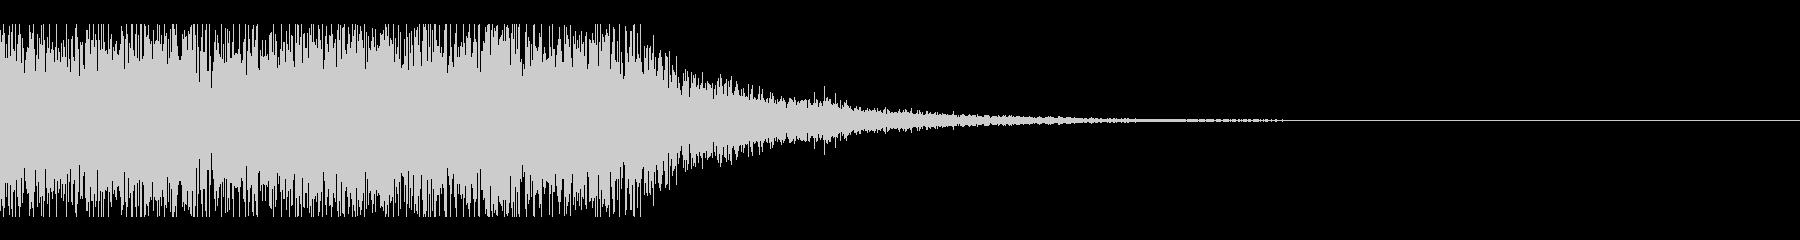 クイズ結果発表ーオーケストラ風の未再生の波形